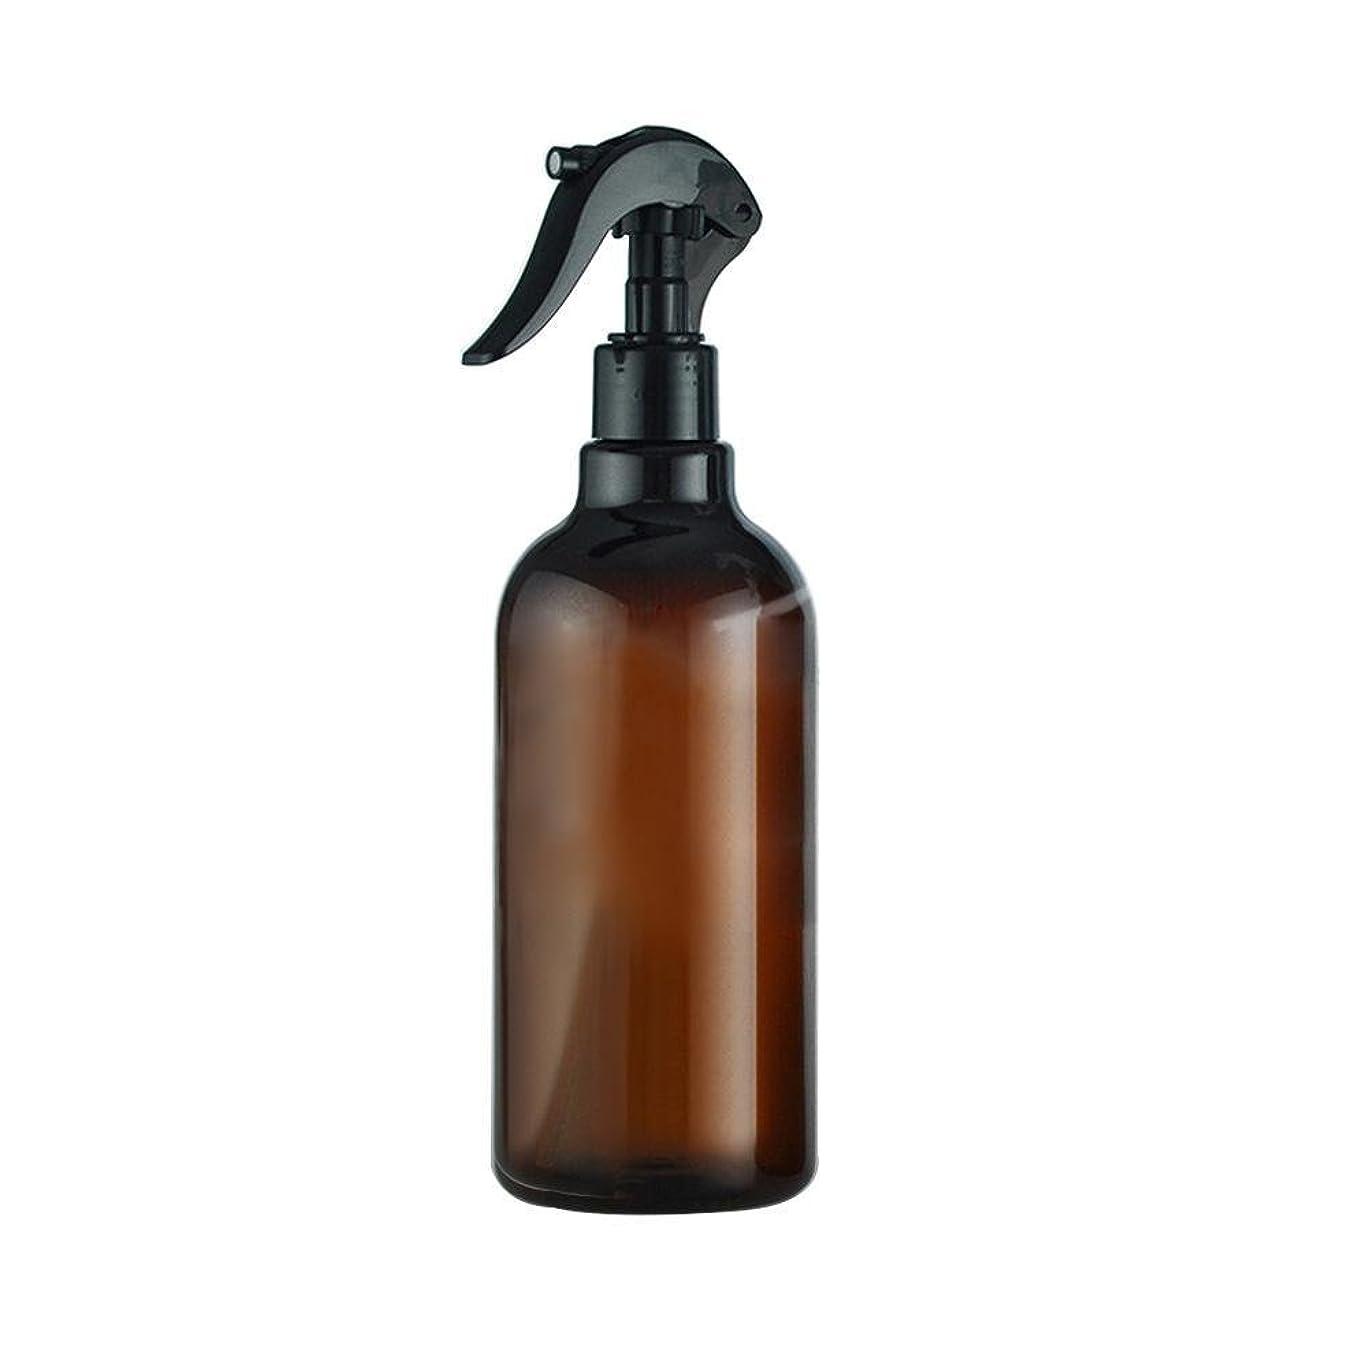 解明するフィクション登録BETTER YOU (ベター ュー) スプレーボトル 化粧品ボトル 500ml 詰替え容器 ボトル 化粧水入れ 旅行 香水 化粧水用瓶